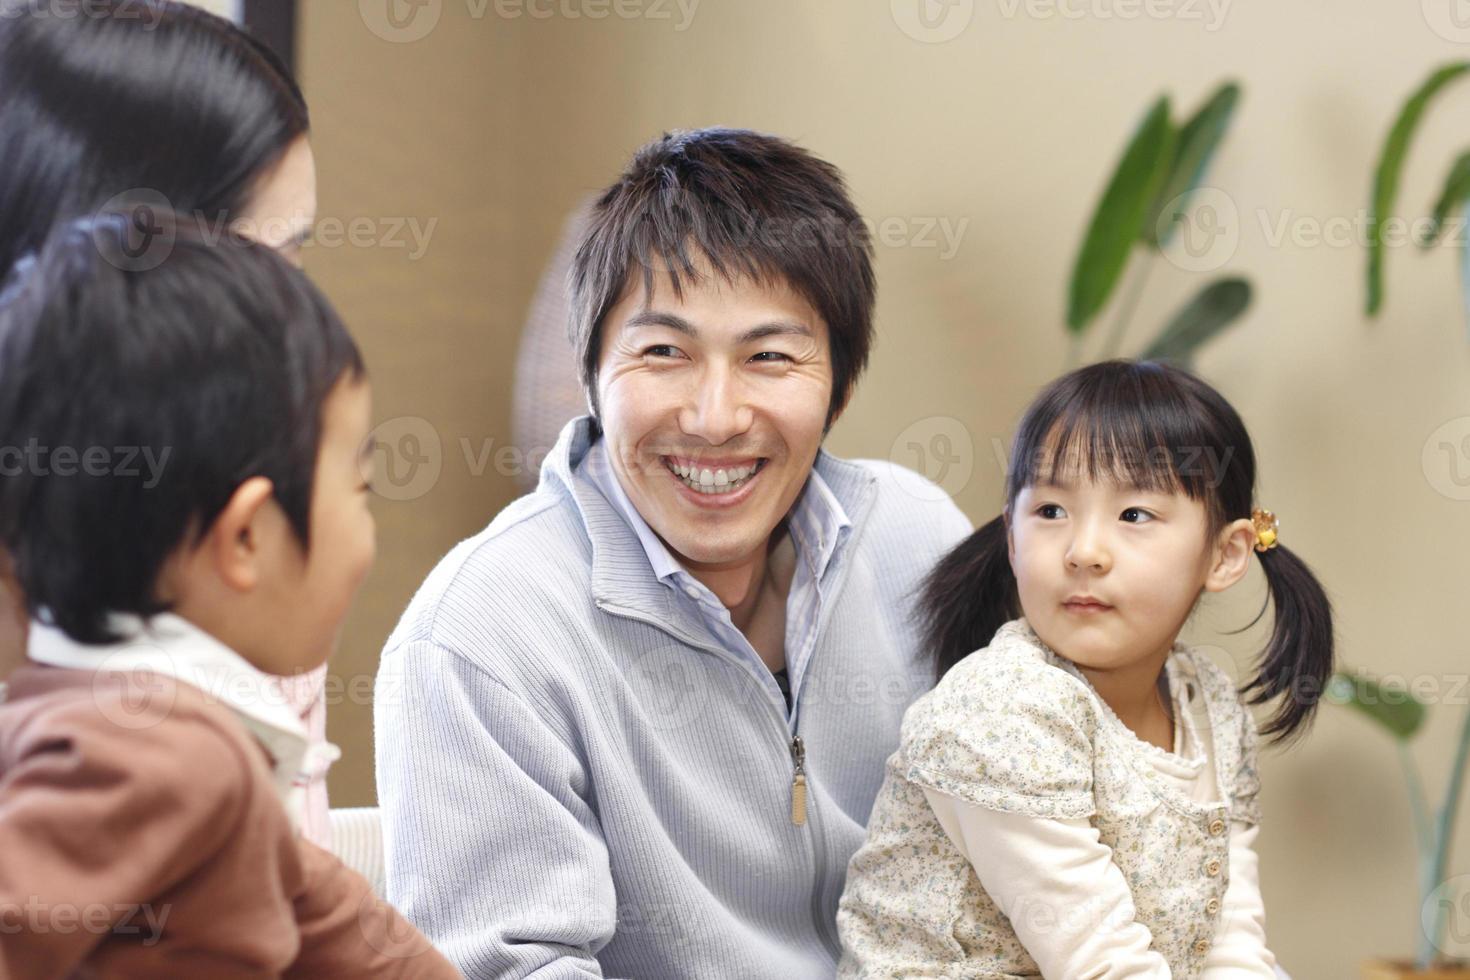 famille souriante photo